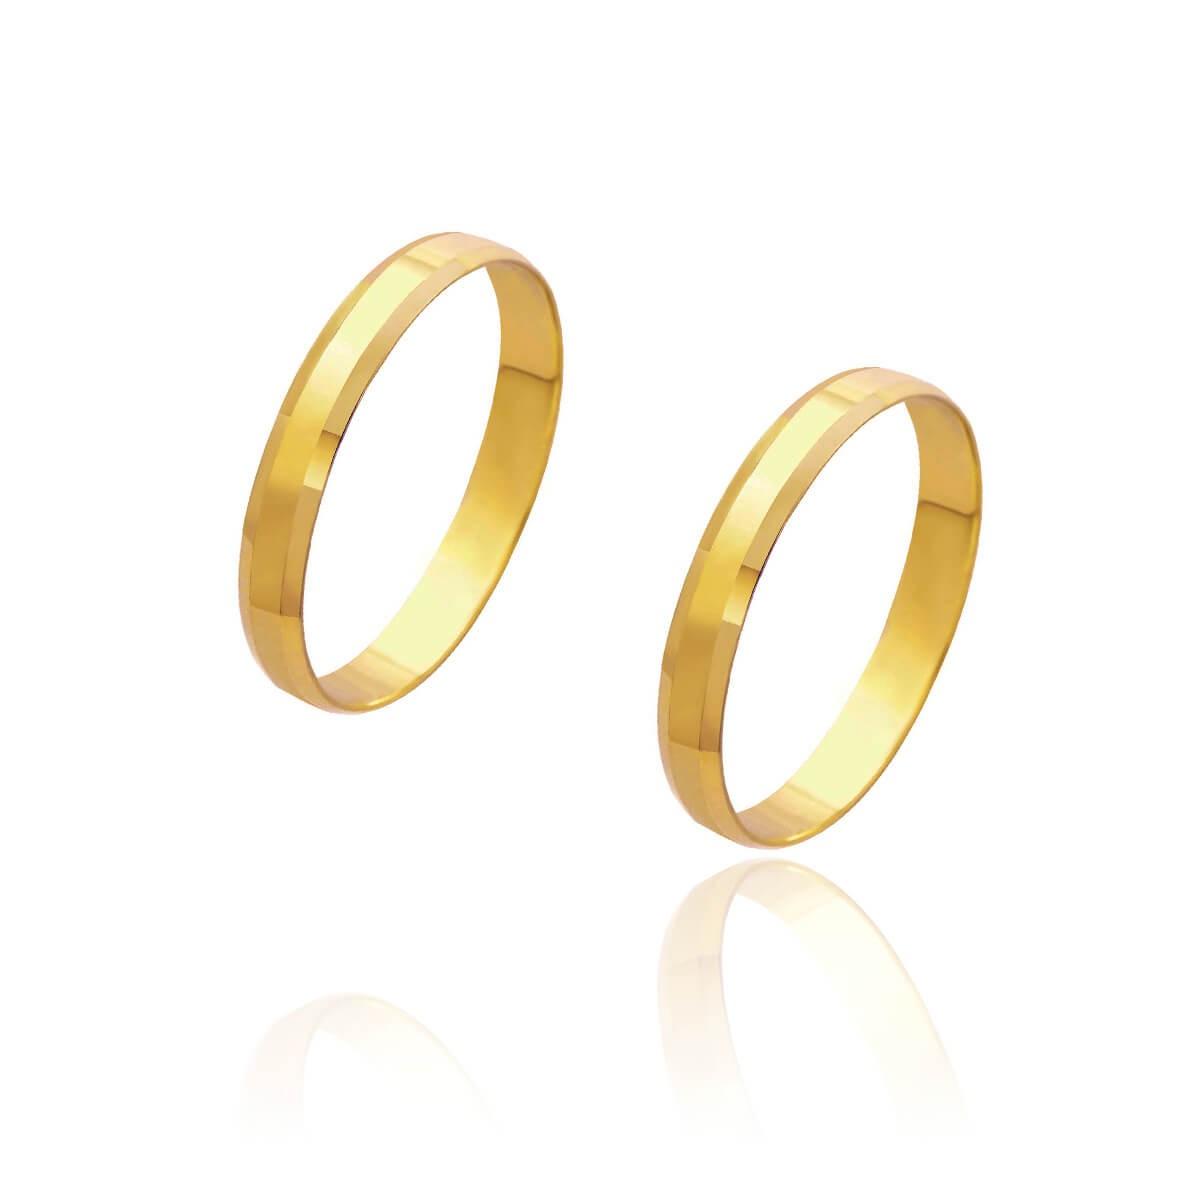 Par de Alianças de Casamento Cronos Ouro 18k Laterais Chanfradas 3mm 2g